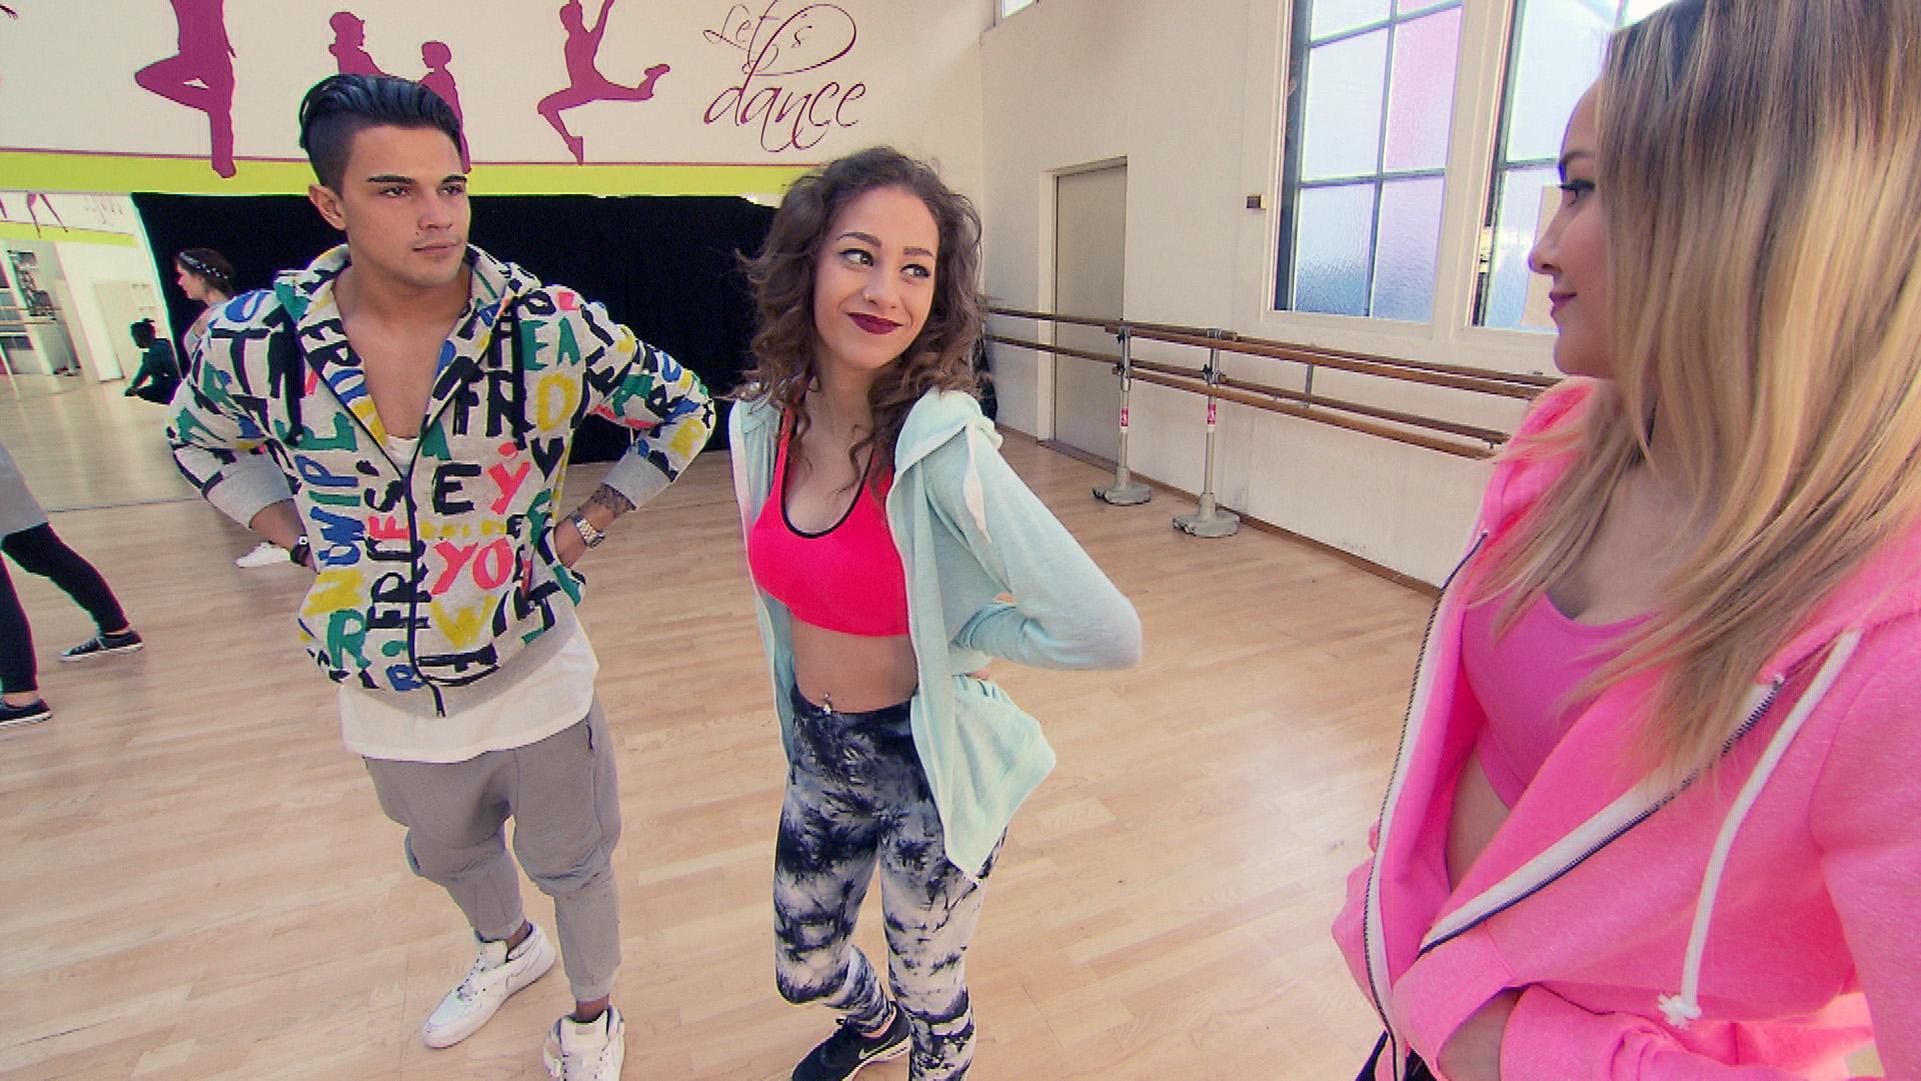 Elli kann an nichts anderes denken als den gemeinsamen Hip Hop-Kurs mit Chico.. (Quelle: RTL 2)